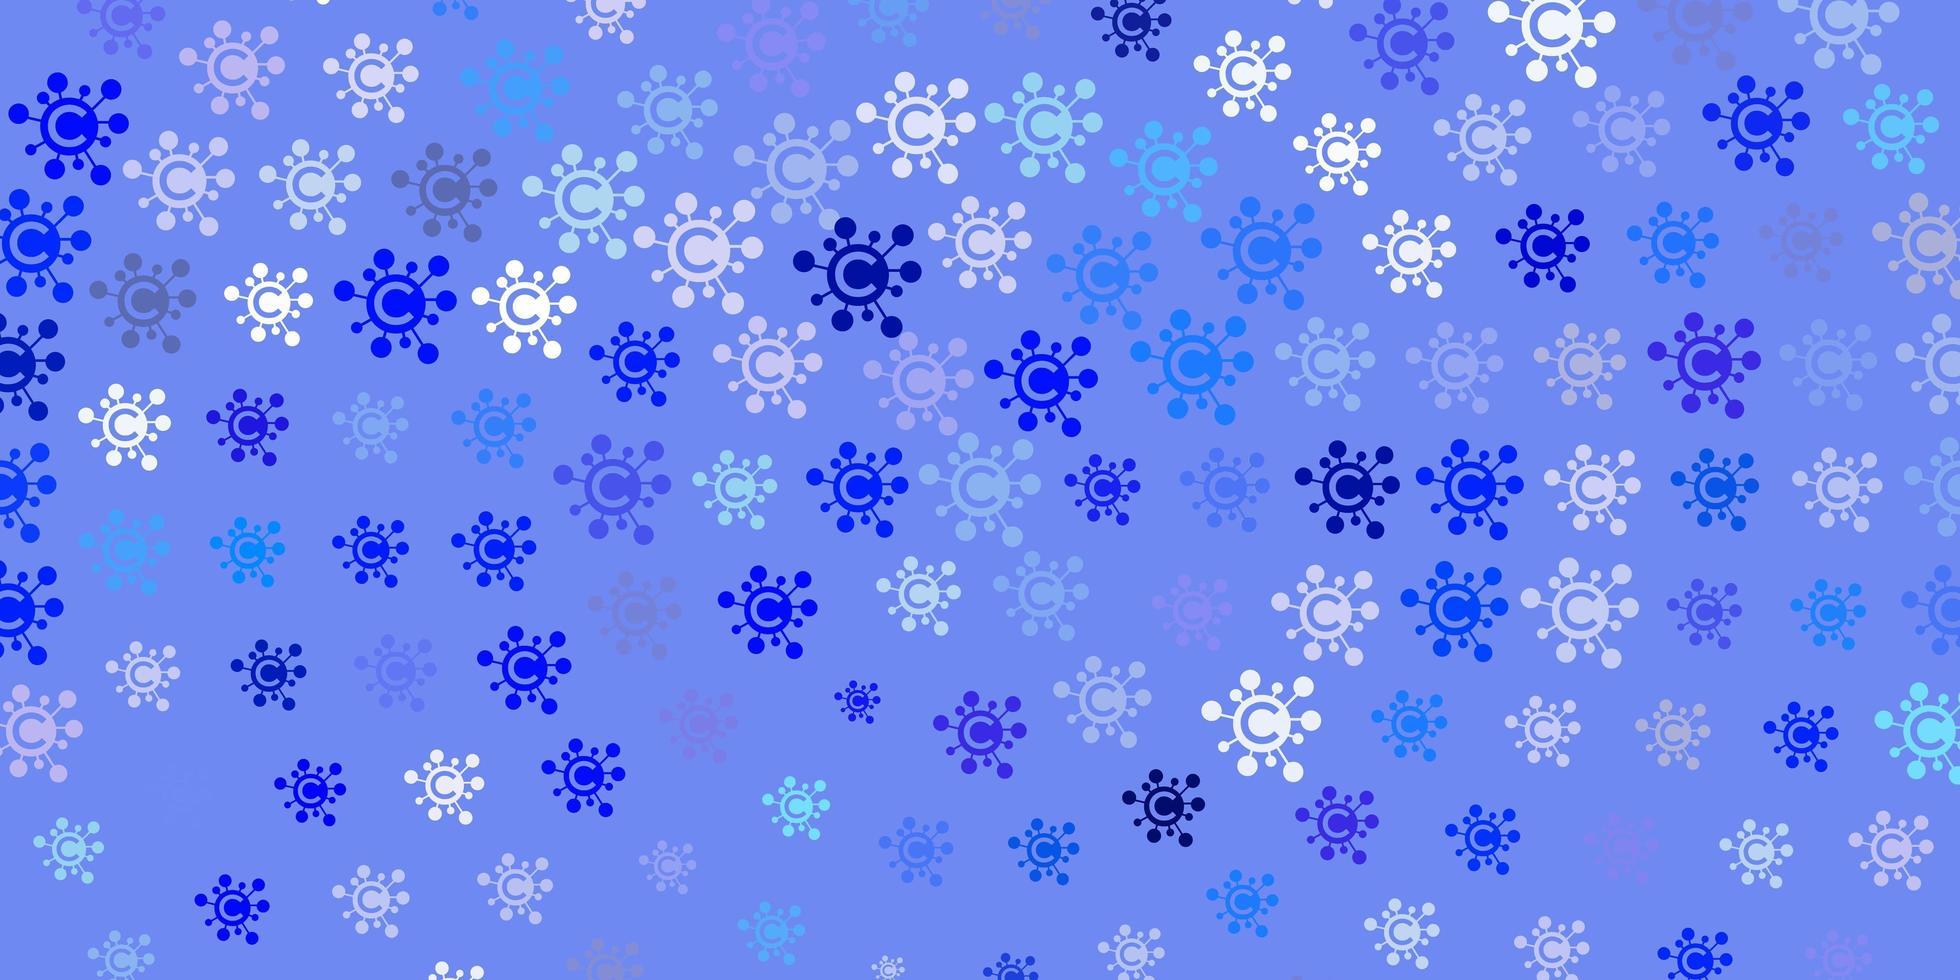 hellblaue Vektorbeschaffenheit mit Krankheitssymbolen. vektor